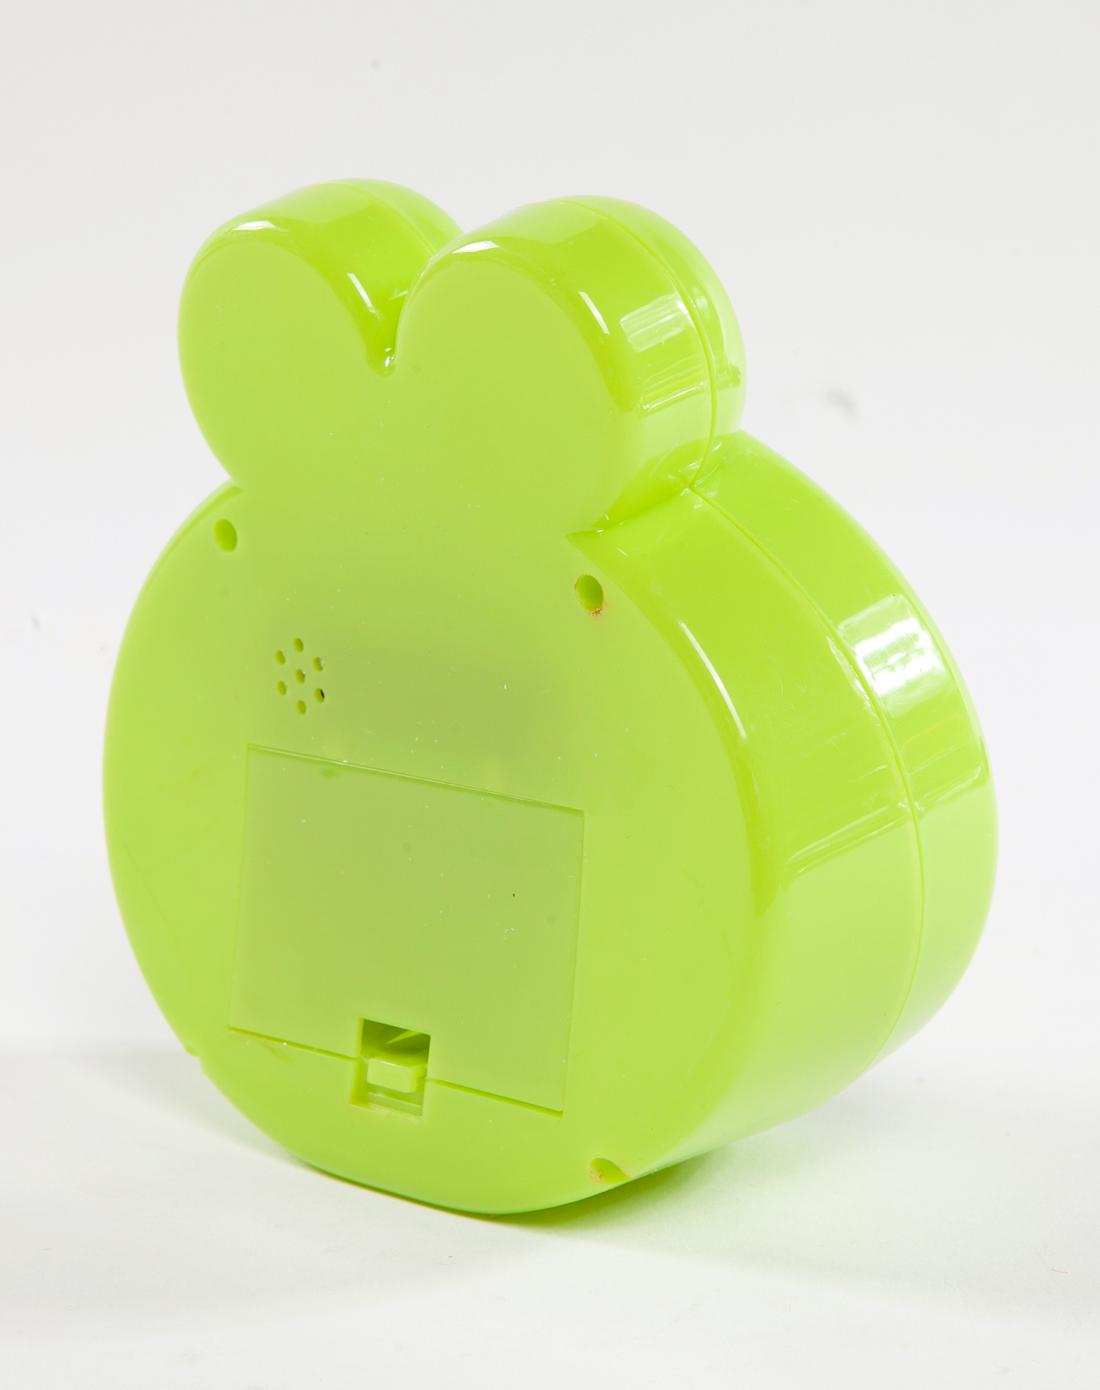 绿色卡通可爱闹钟青蛙王子